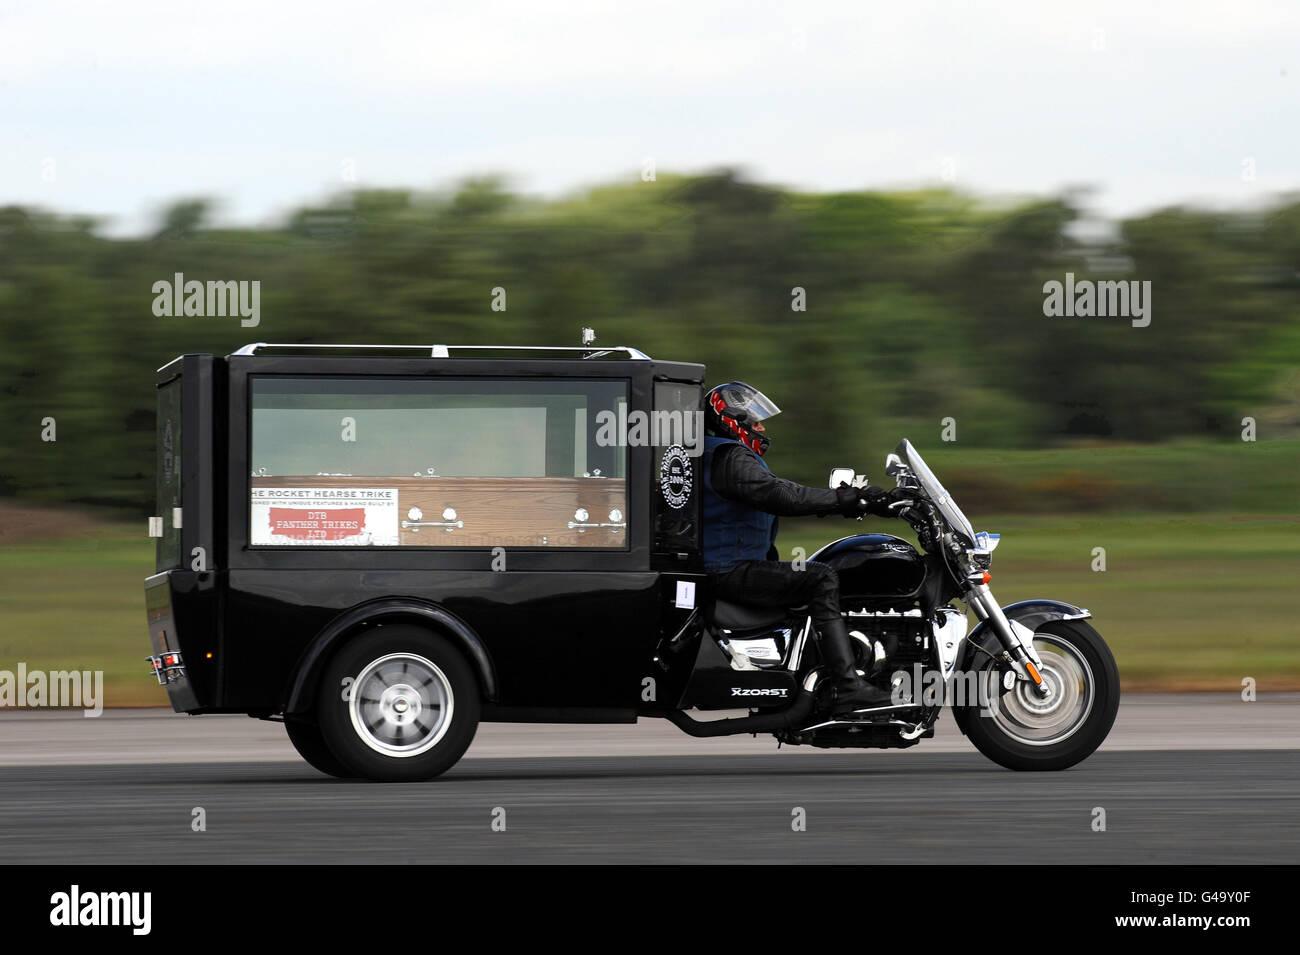 corbillard de moto le plus rapide au monde banque d 39 images photo stock 105939583 alamy. Black Bedroom Furniture Sets. Home Design Ideas